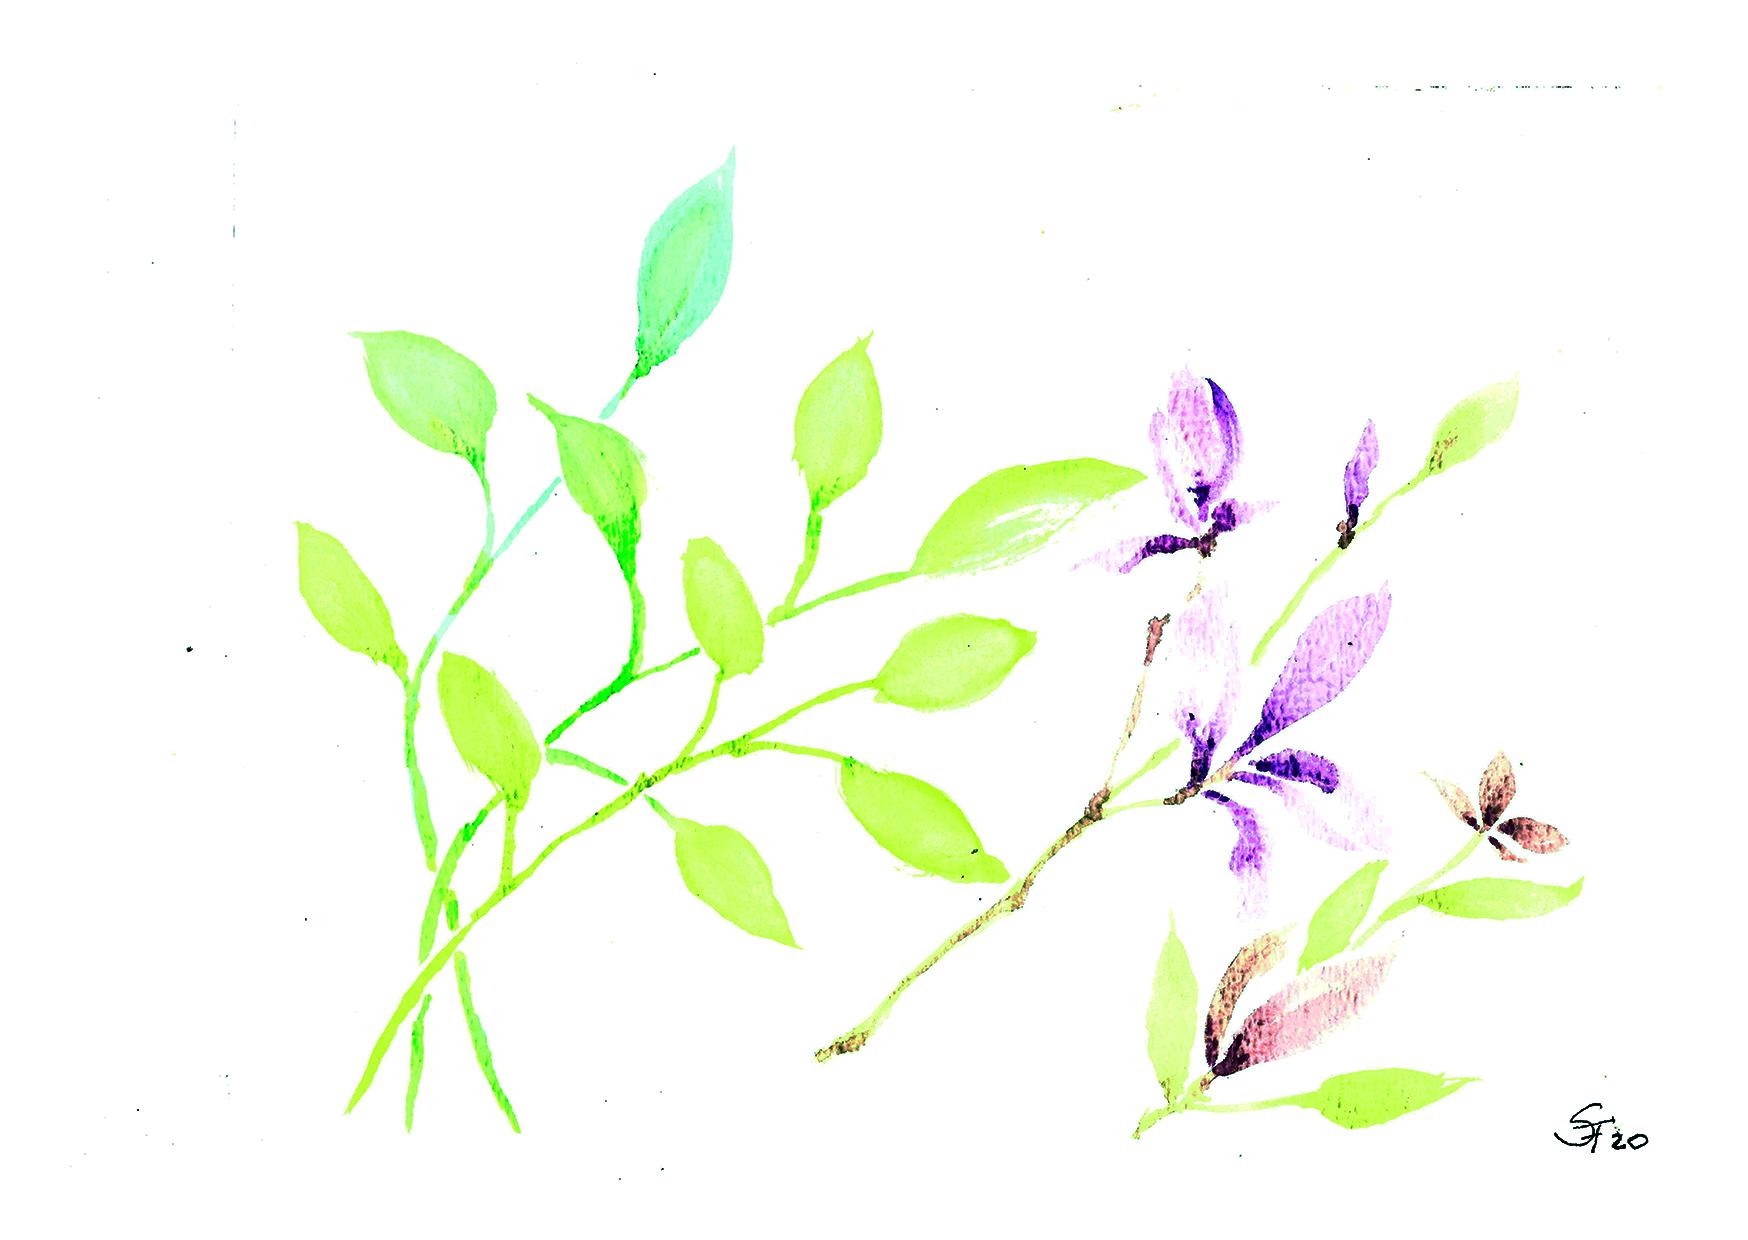 Aquarell Blätter und rosa Blüten 03/20